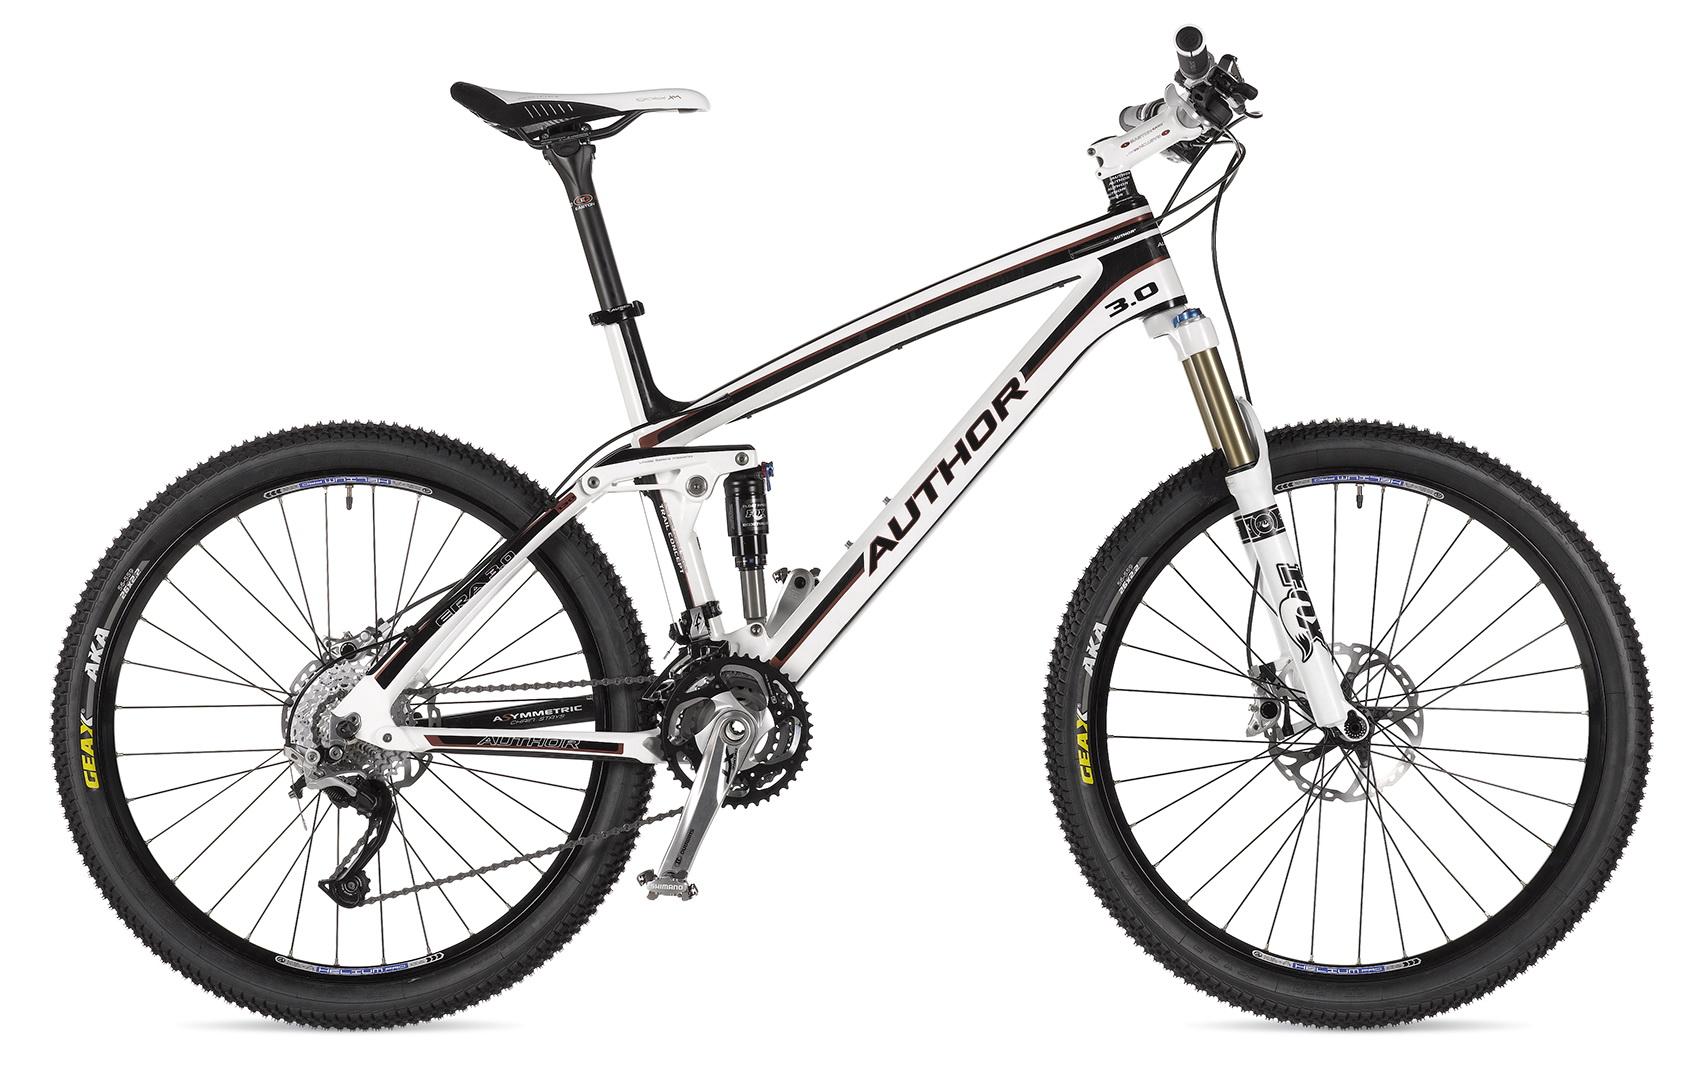 Выбор двухподвесного велосипеда